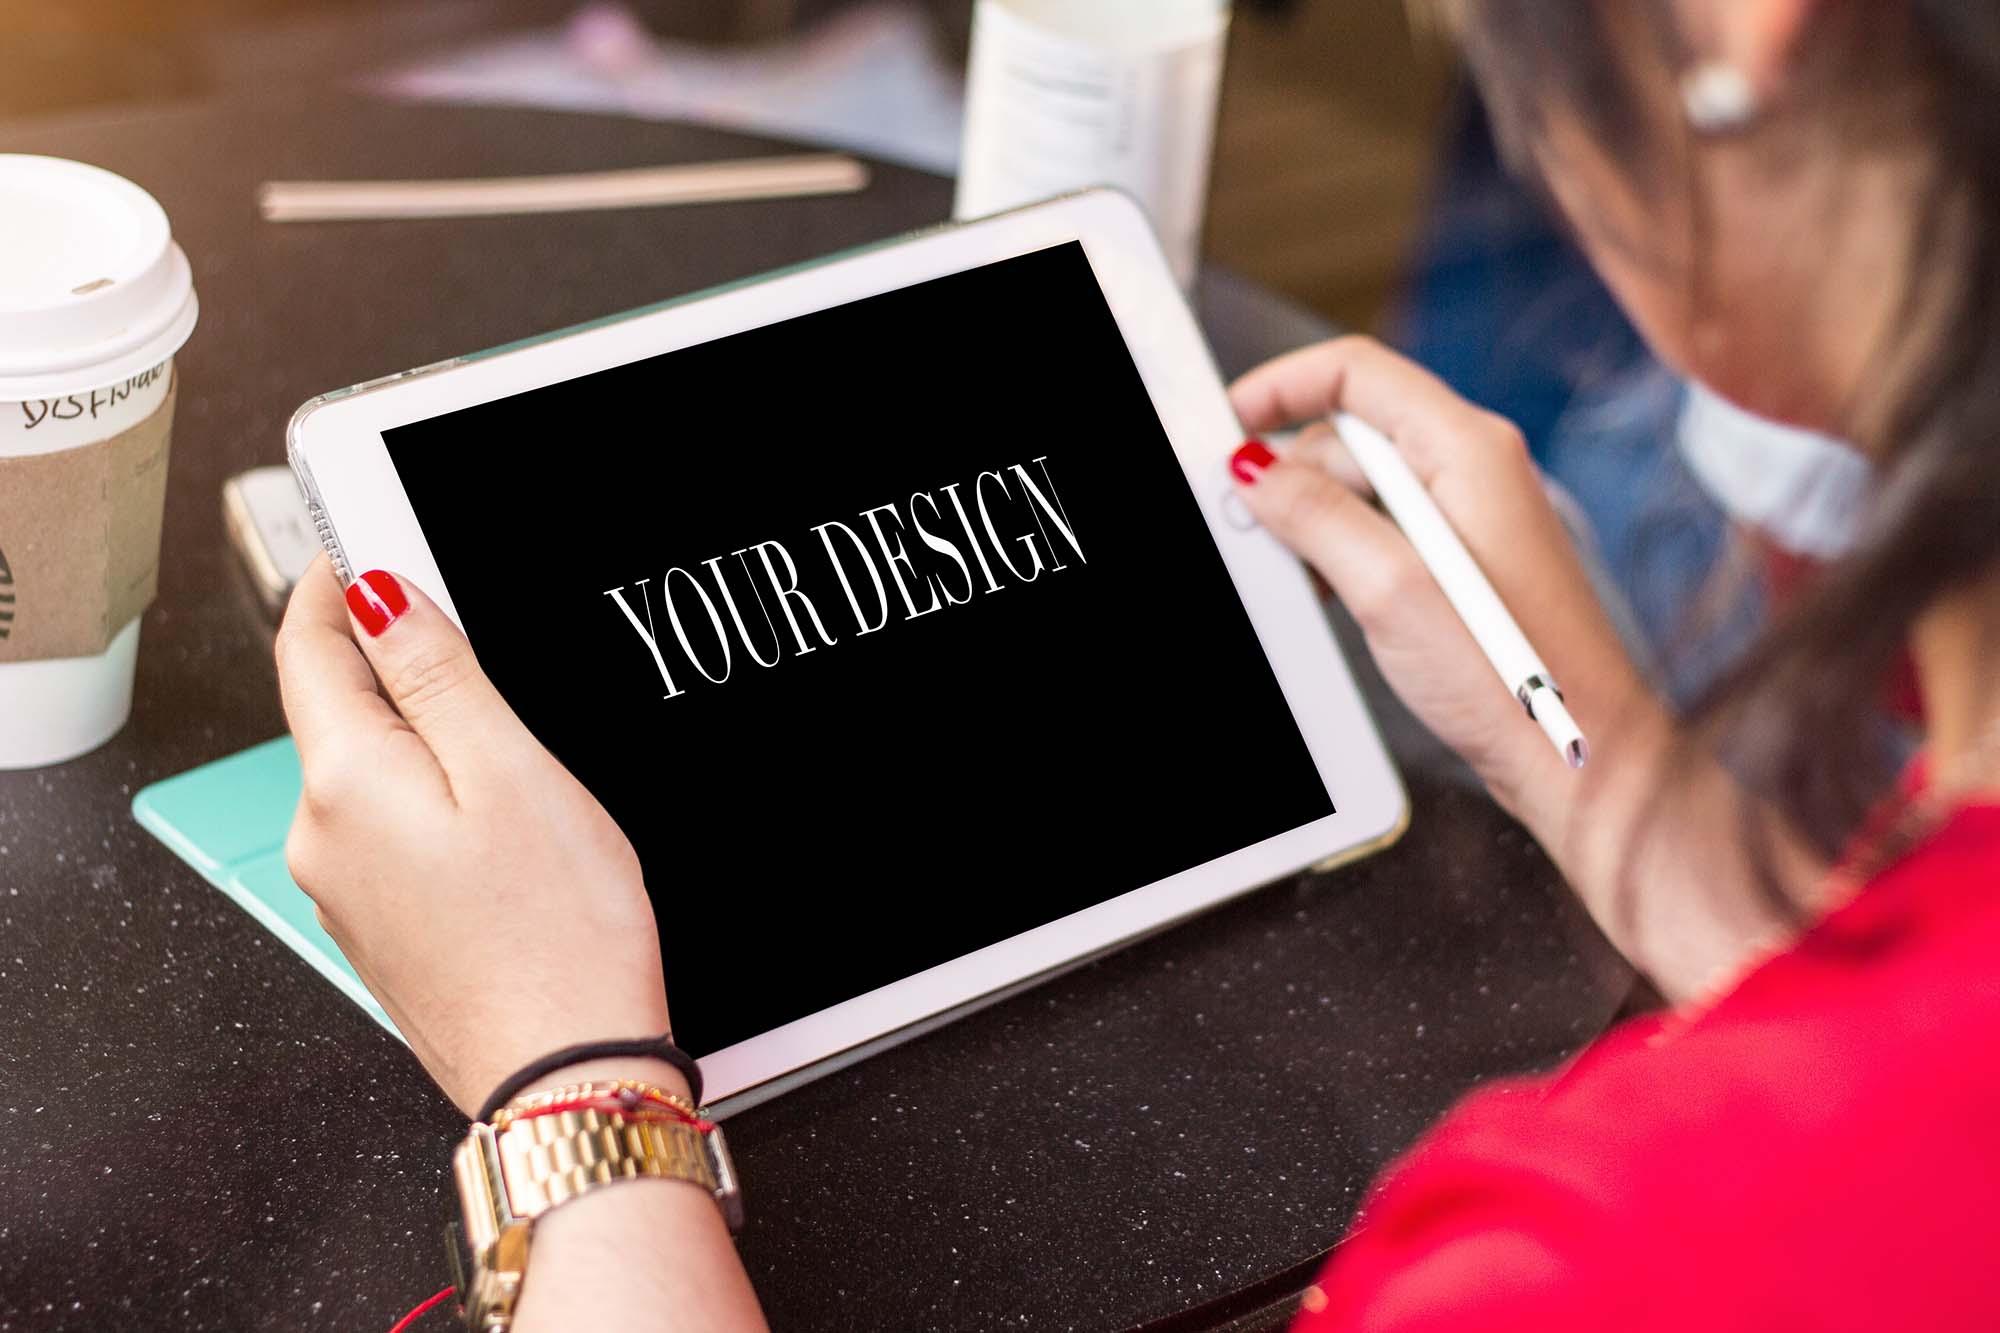 iPad in Hands Mockup